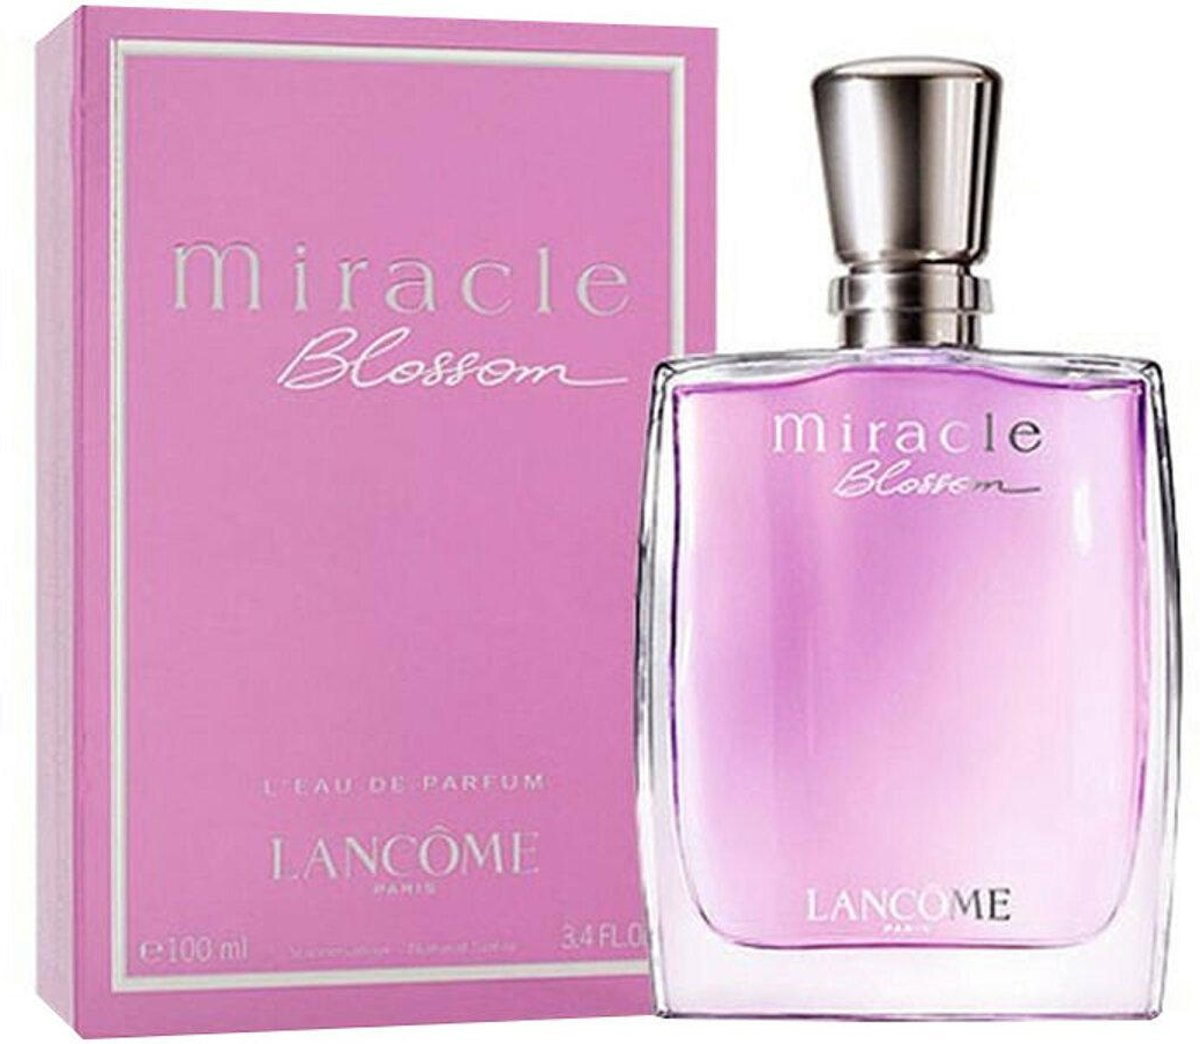 | Lancome Miracle Blossom Eau De Parfum Spray 100 Ml